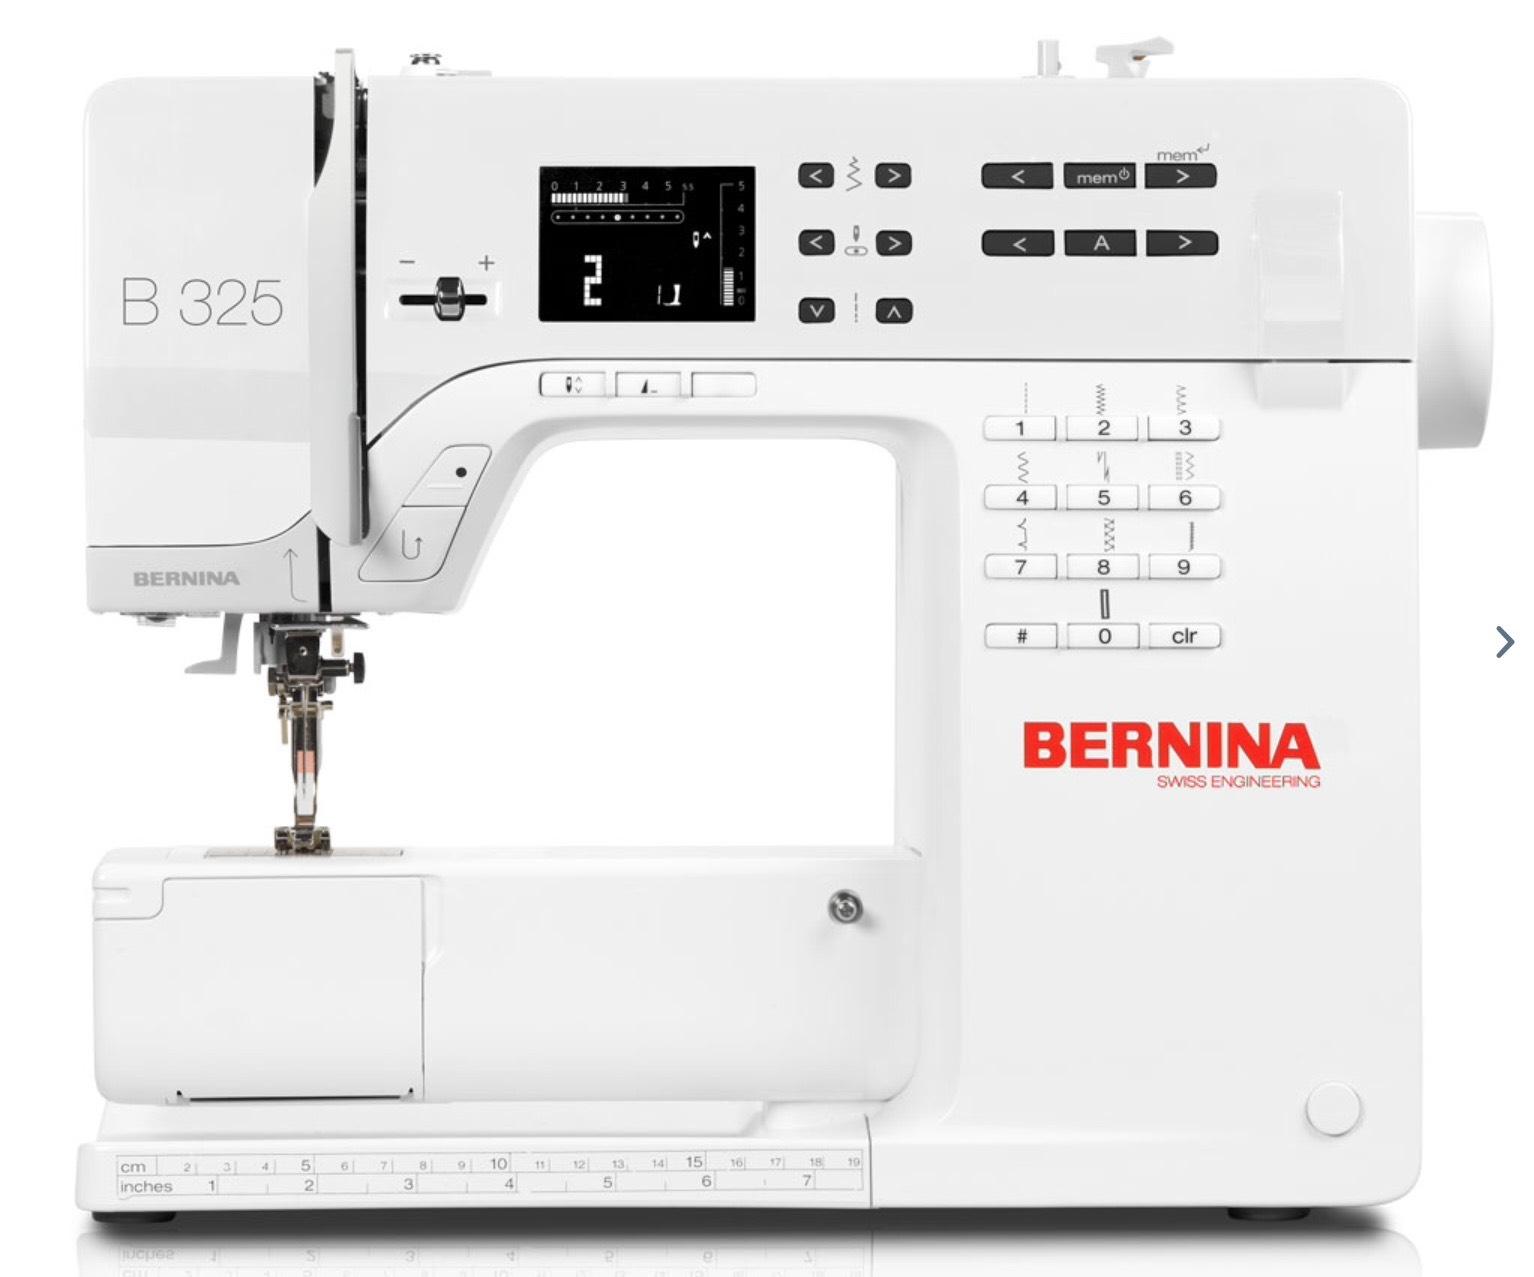 Bernina 325 Nähmaschine 200€ günstiger